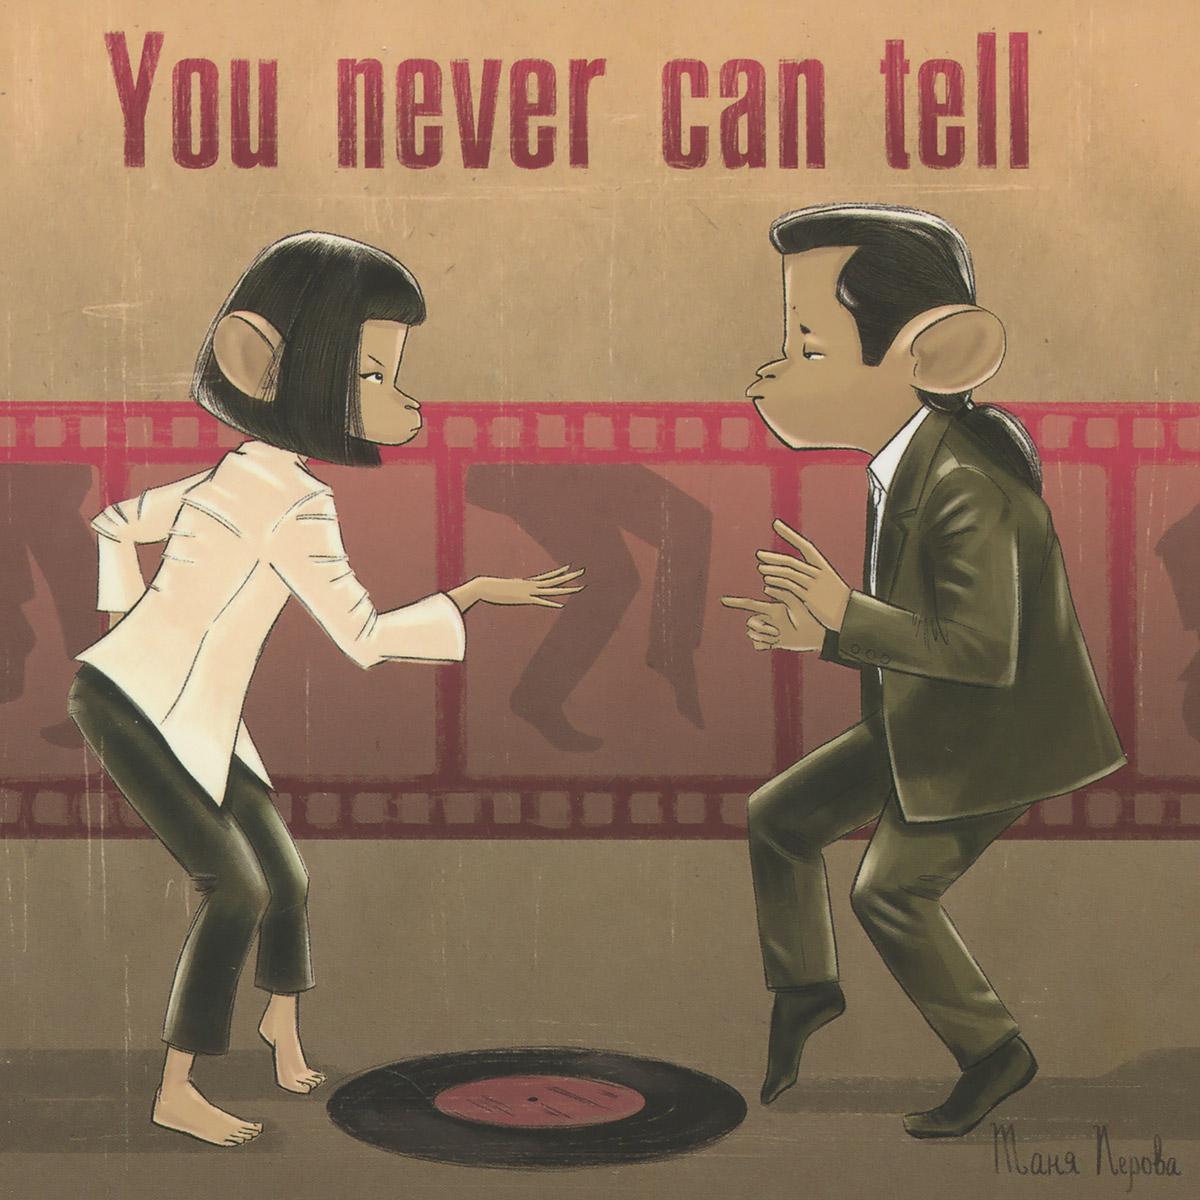 """Оригинальная дизайнерская открытка """"You Never Can Tell"""" из набора «Киноманки» выполнена из плотного матового картона. На лицевой стороне расположена репродукция картины художника Татьяны Перовой. На задней стороне имеется поле для записей.  Такая открытка станет великолепным дополнением к подарку или оригинальным почтовым посланием, которое, несомненно, удивит получателя своим дизайном и подарит приятные воспоминания."""